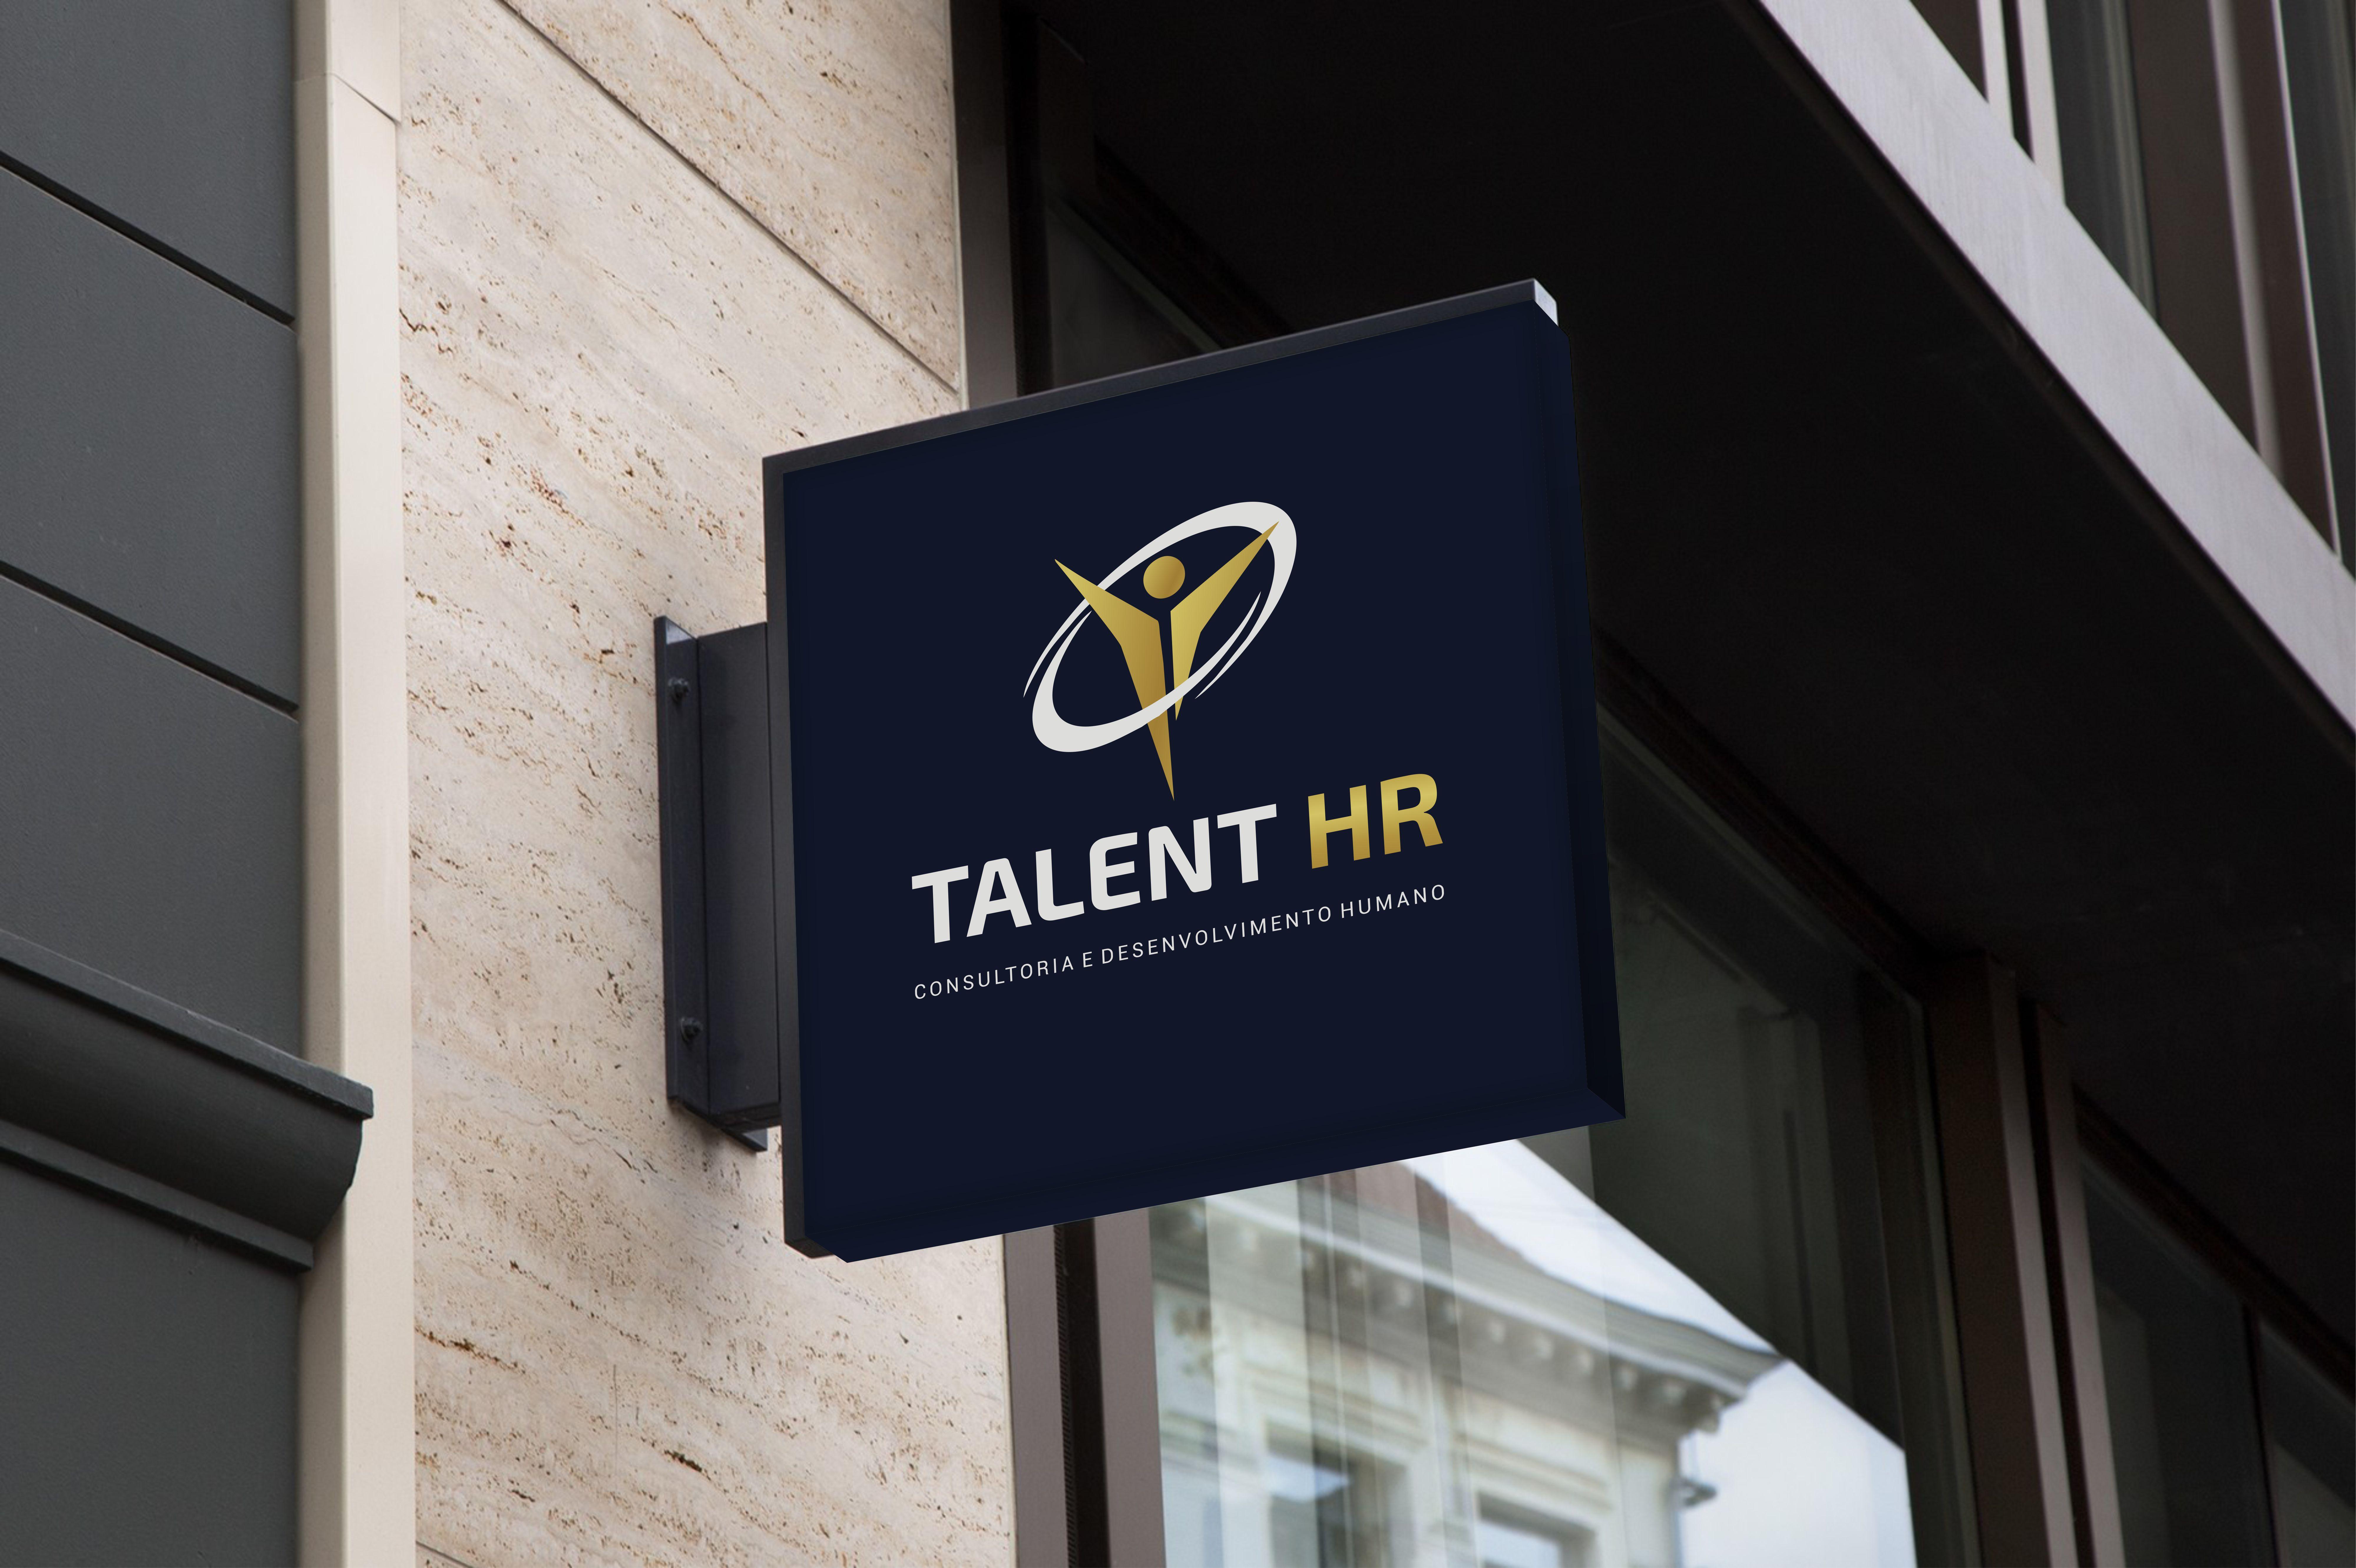 TALENT HR